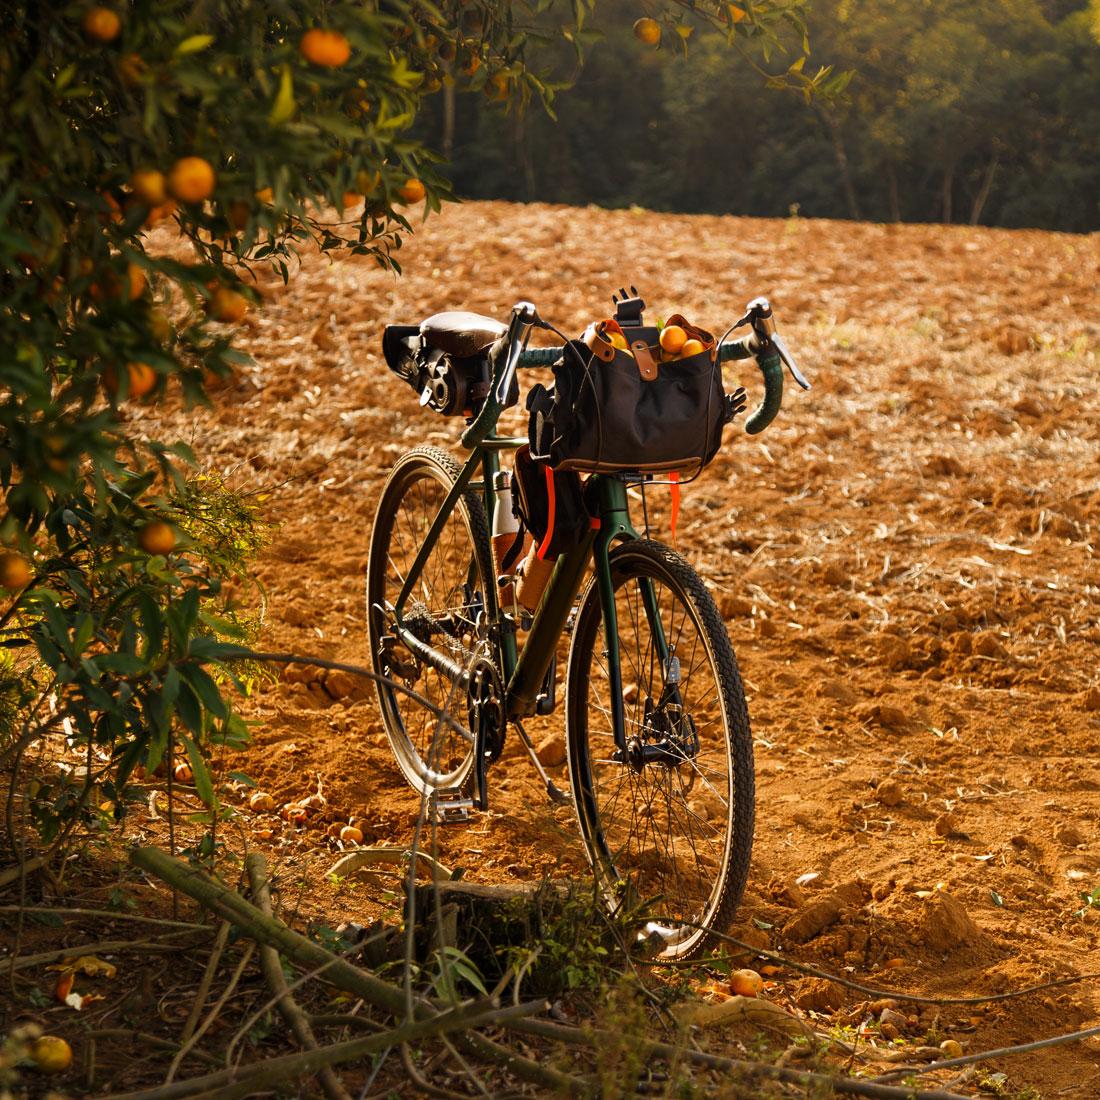 Bolsa Malacara usada no guidão em seu modo aberto. A bike gravel da imagem também usa uma bolsa Galope no quadro e uma bolsa de selim Virola.